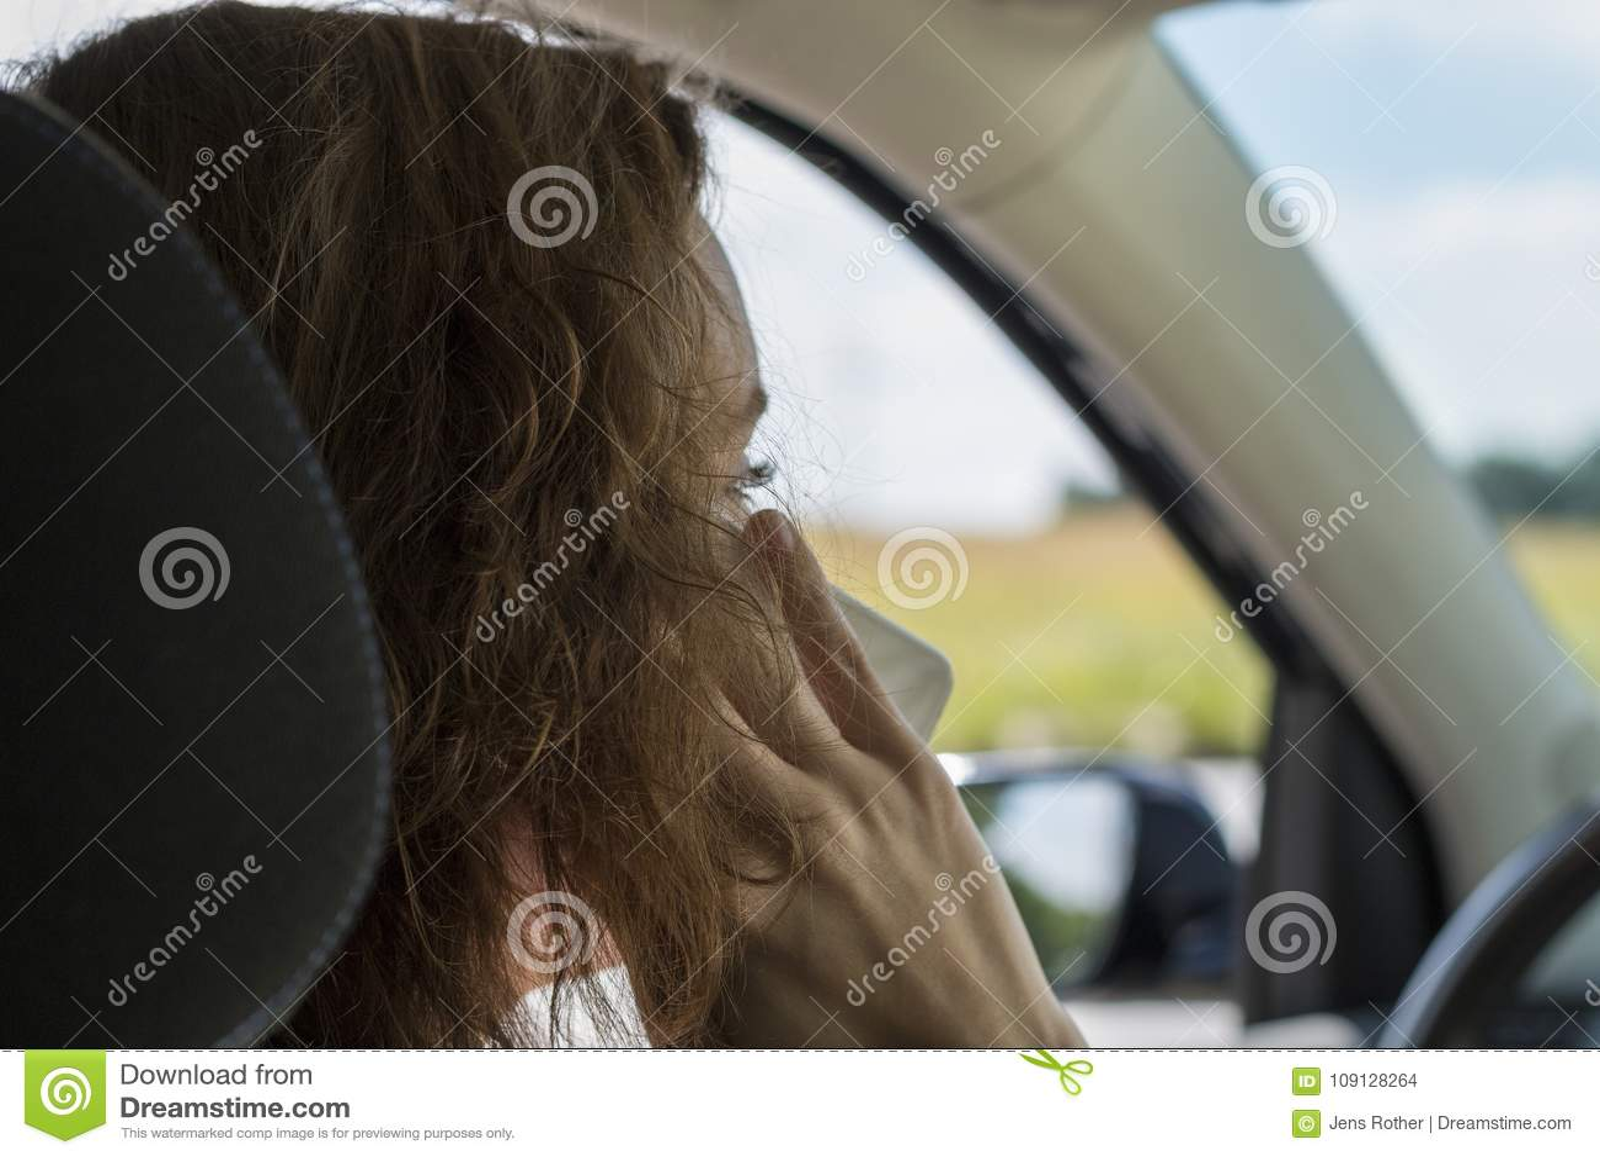 Молодая женщина в автомобиле говорит на телефоне и отвлечена